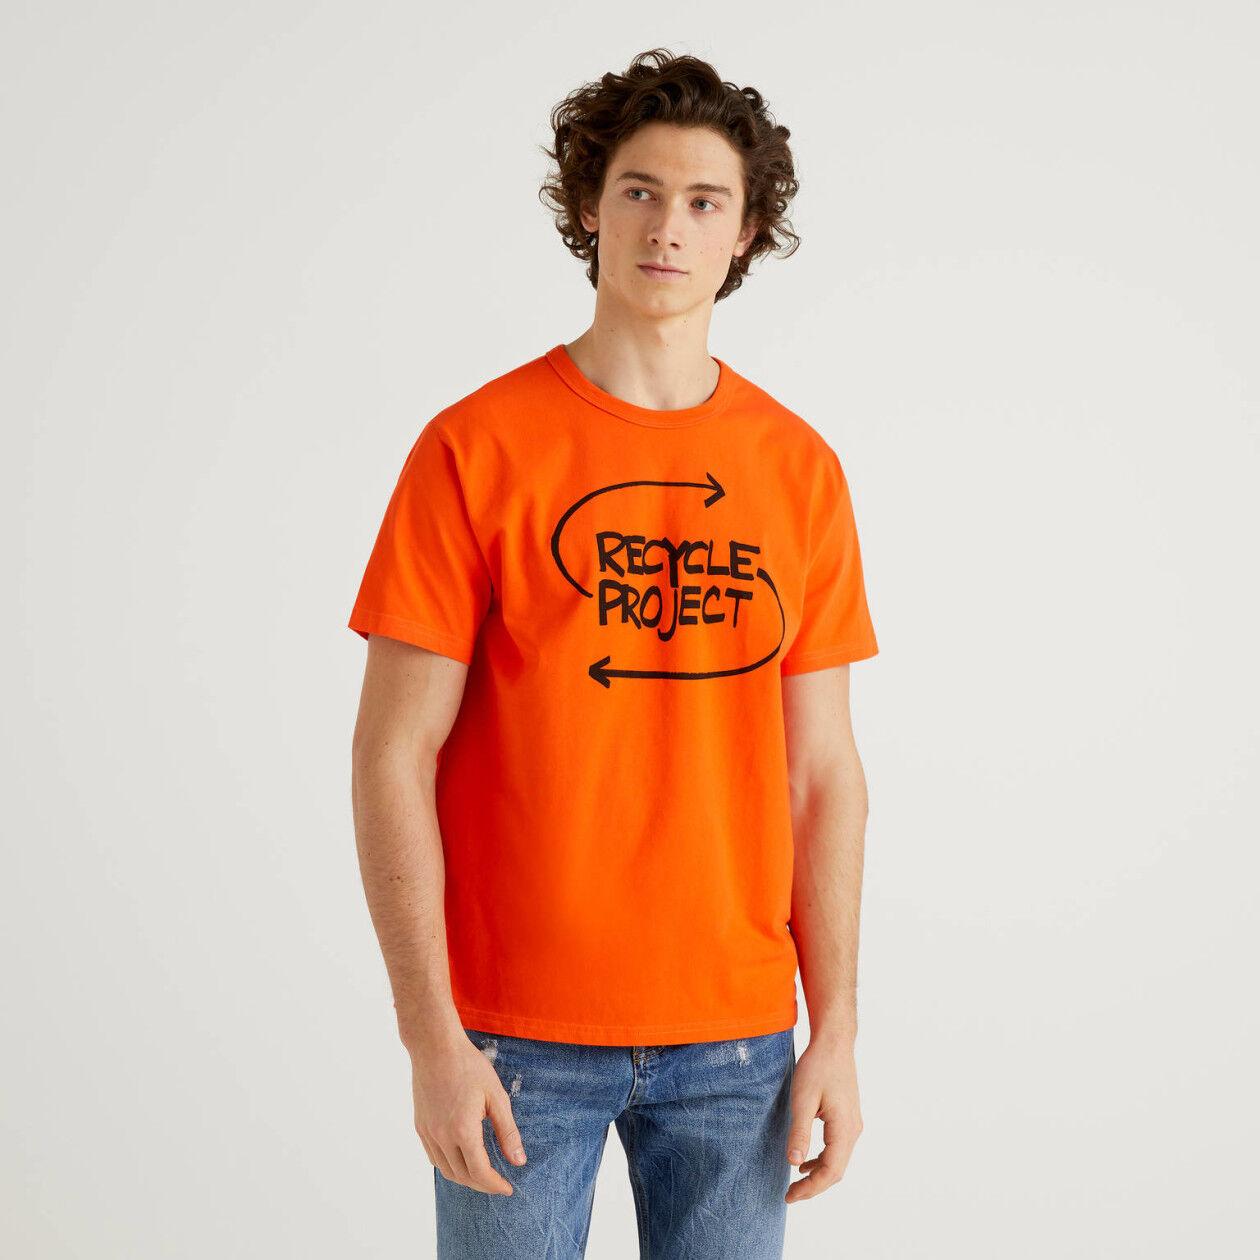 T-shirt 100% algodão orgânico com estampa